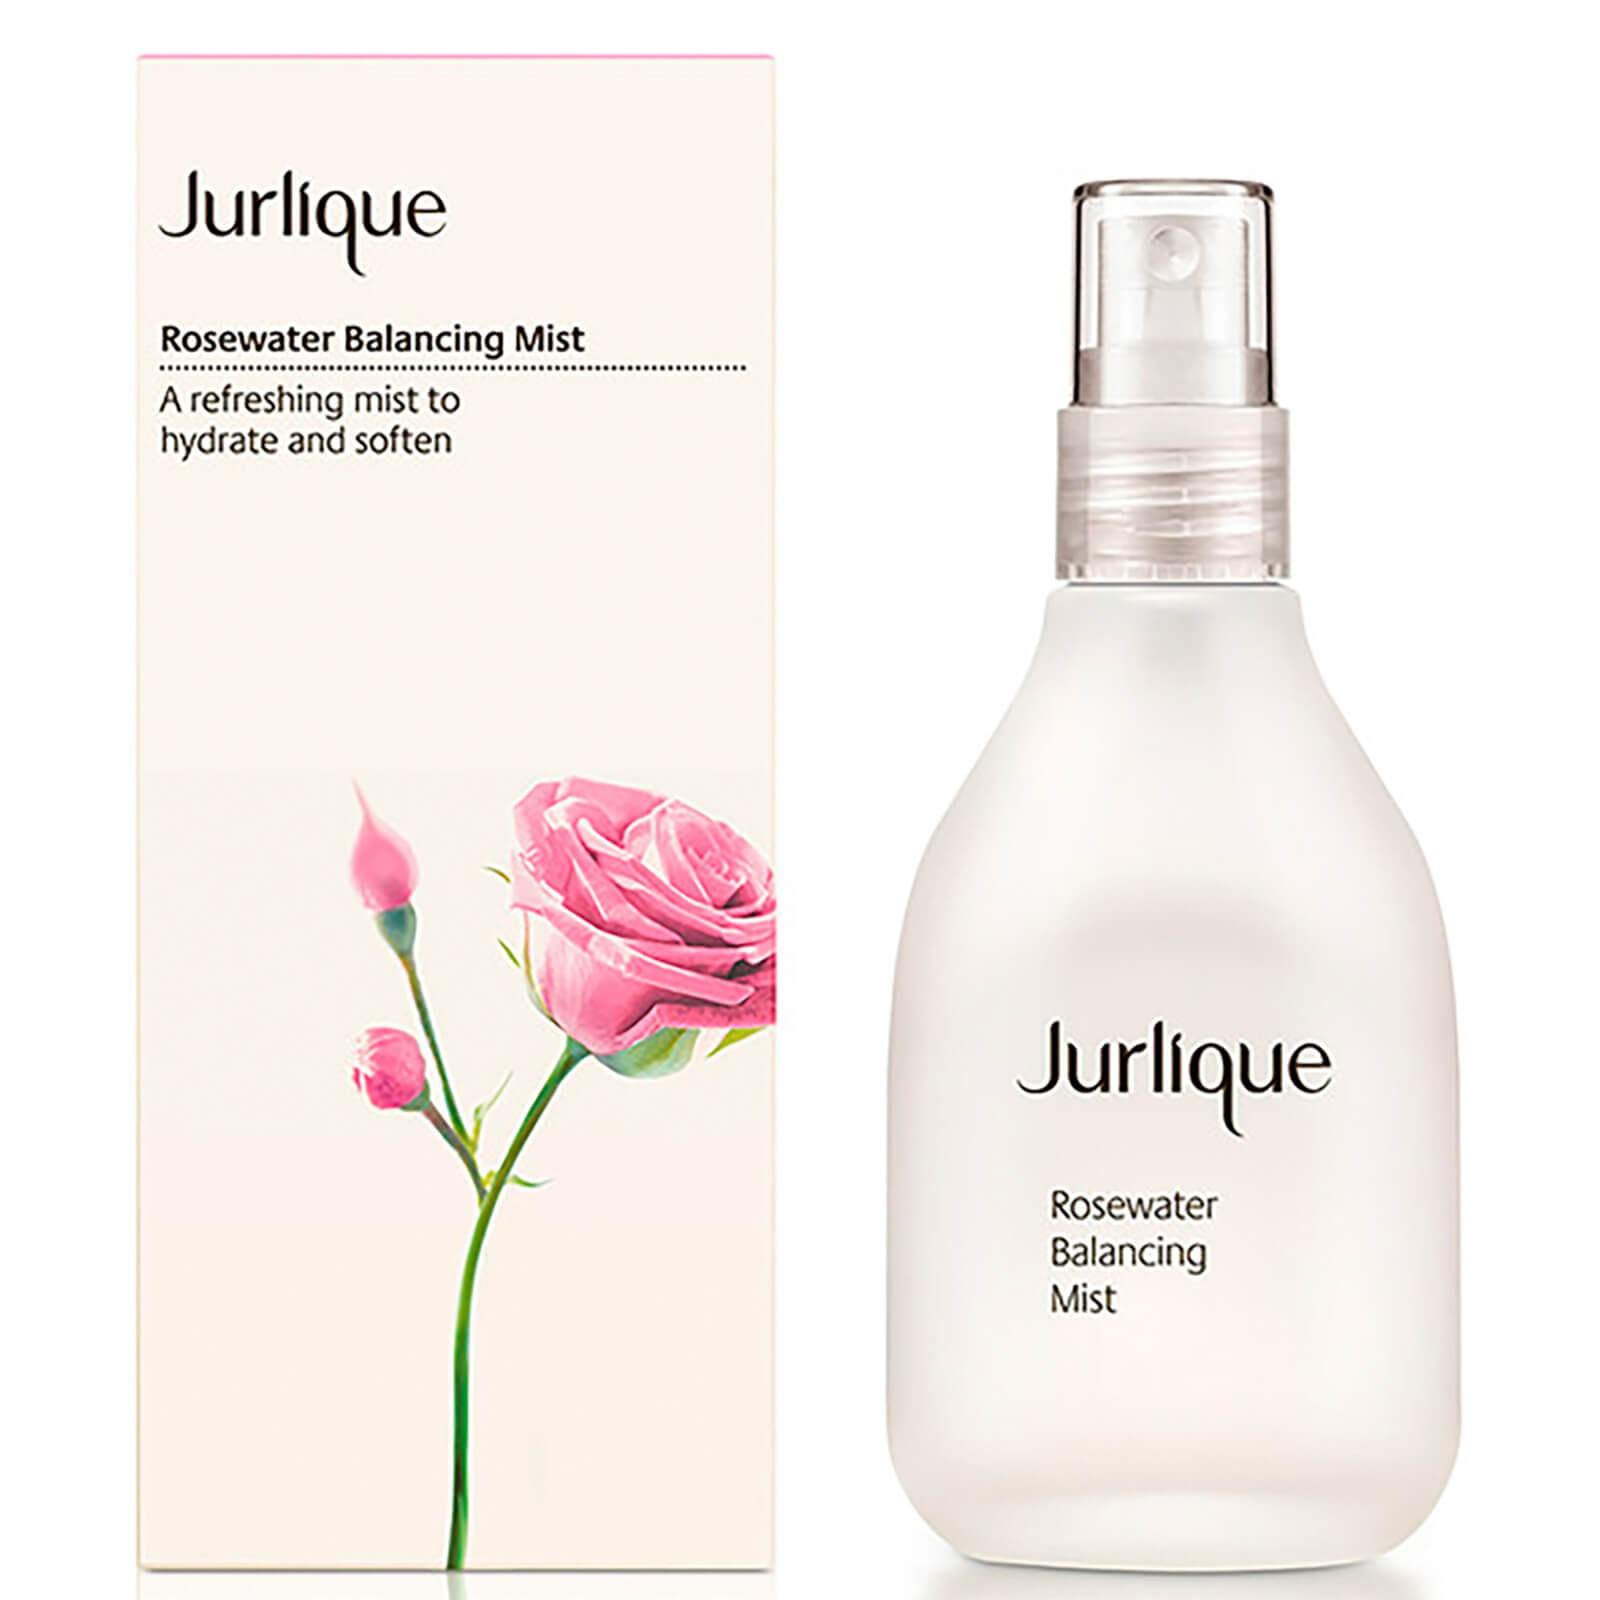 Jurlique 茱莉蔻 玫瑰保湿喷雾 100ml